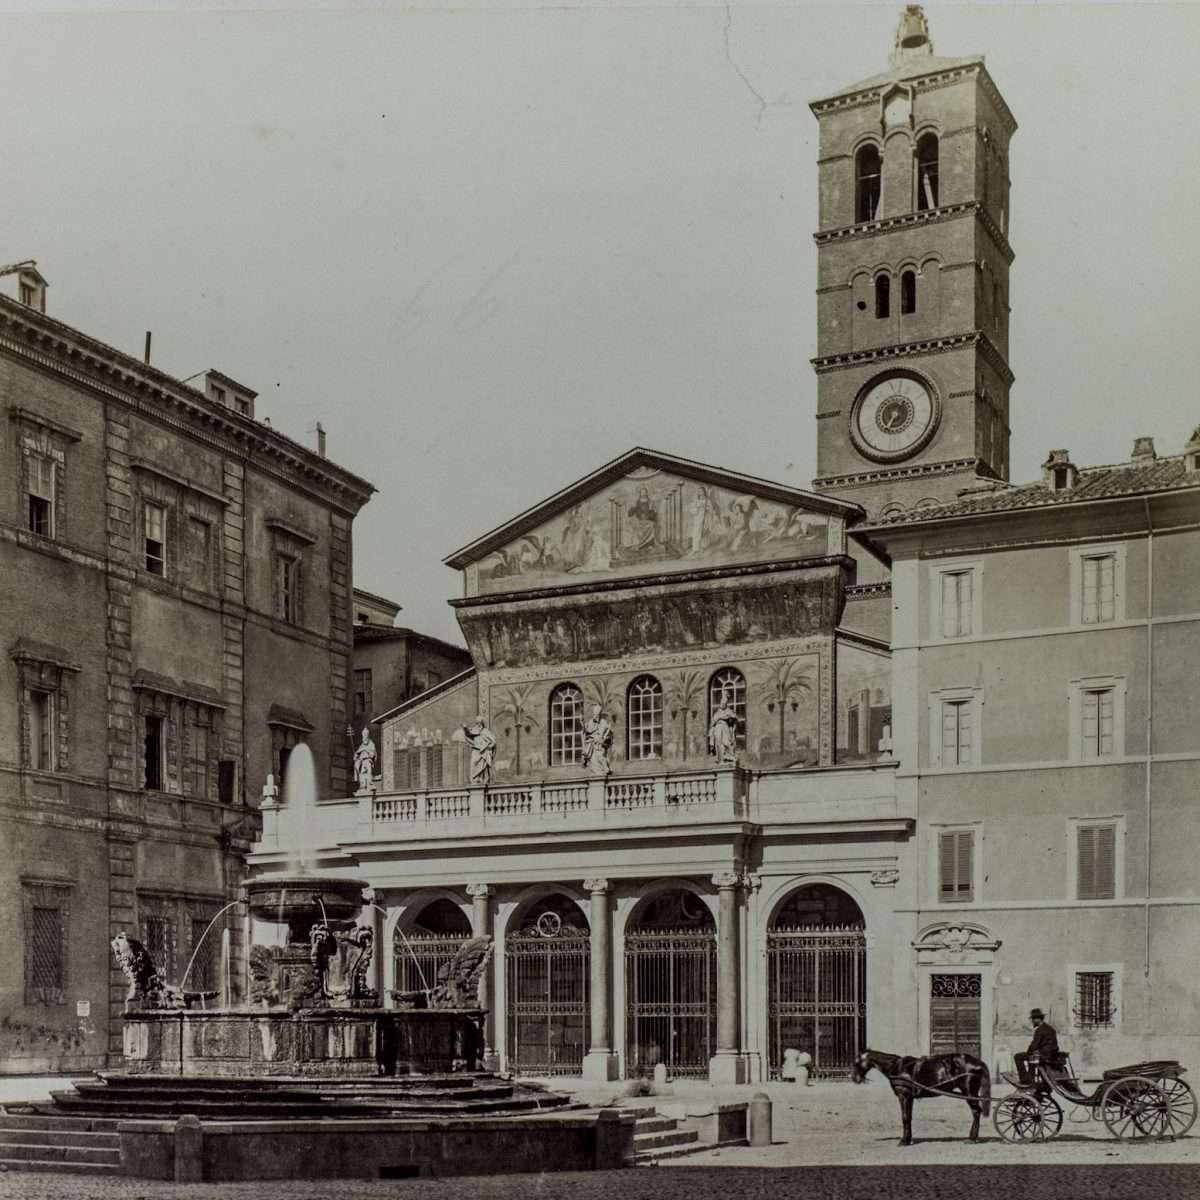 L-1090214 - Piazza di Santa Maria in Trastevere